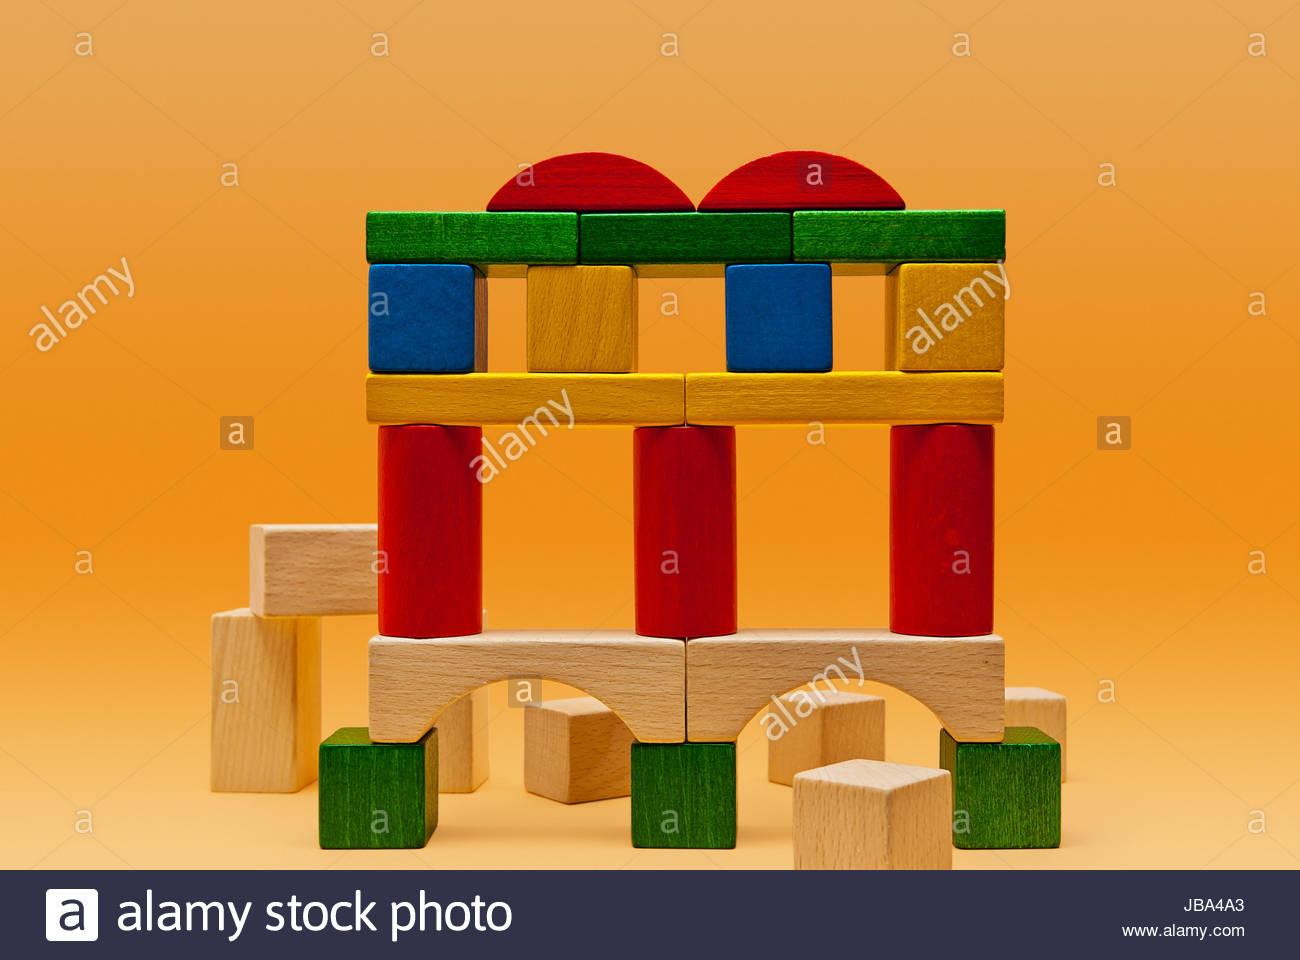 Viadukt, Ausgrabungsstätte, Aquädukt, Brückenkonstruktion, Tenebra Nachgestellt aus Bunton Bauklötzen. Stockbild